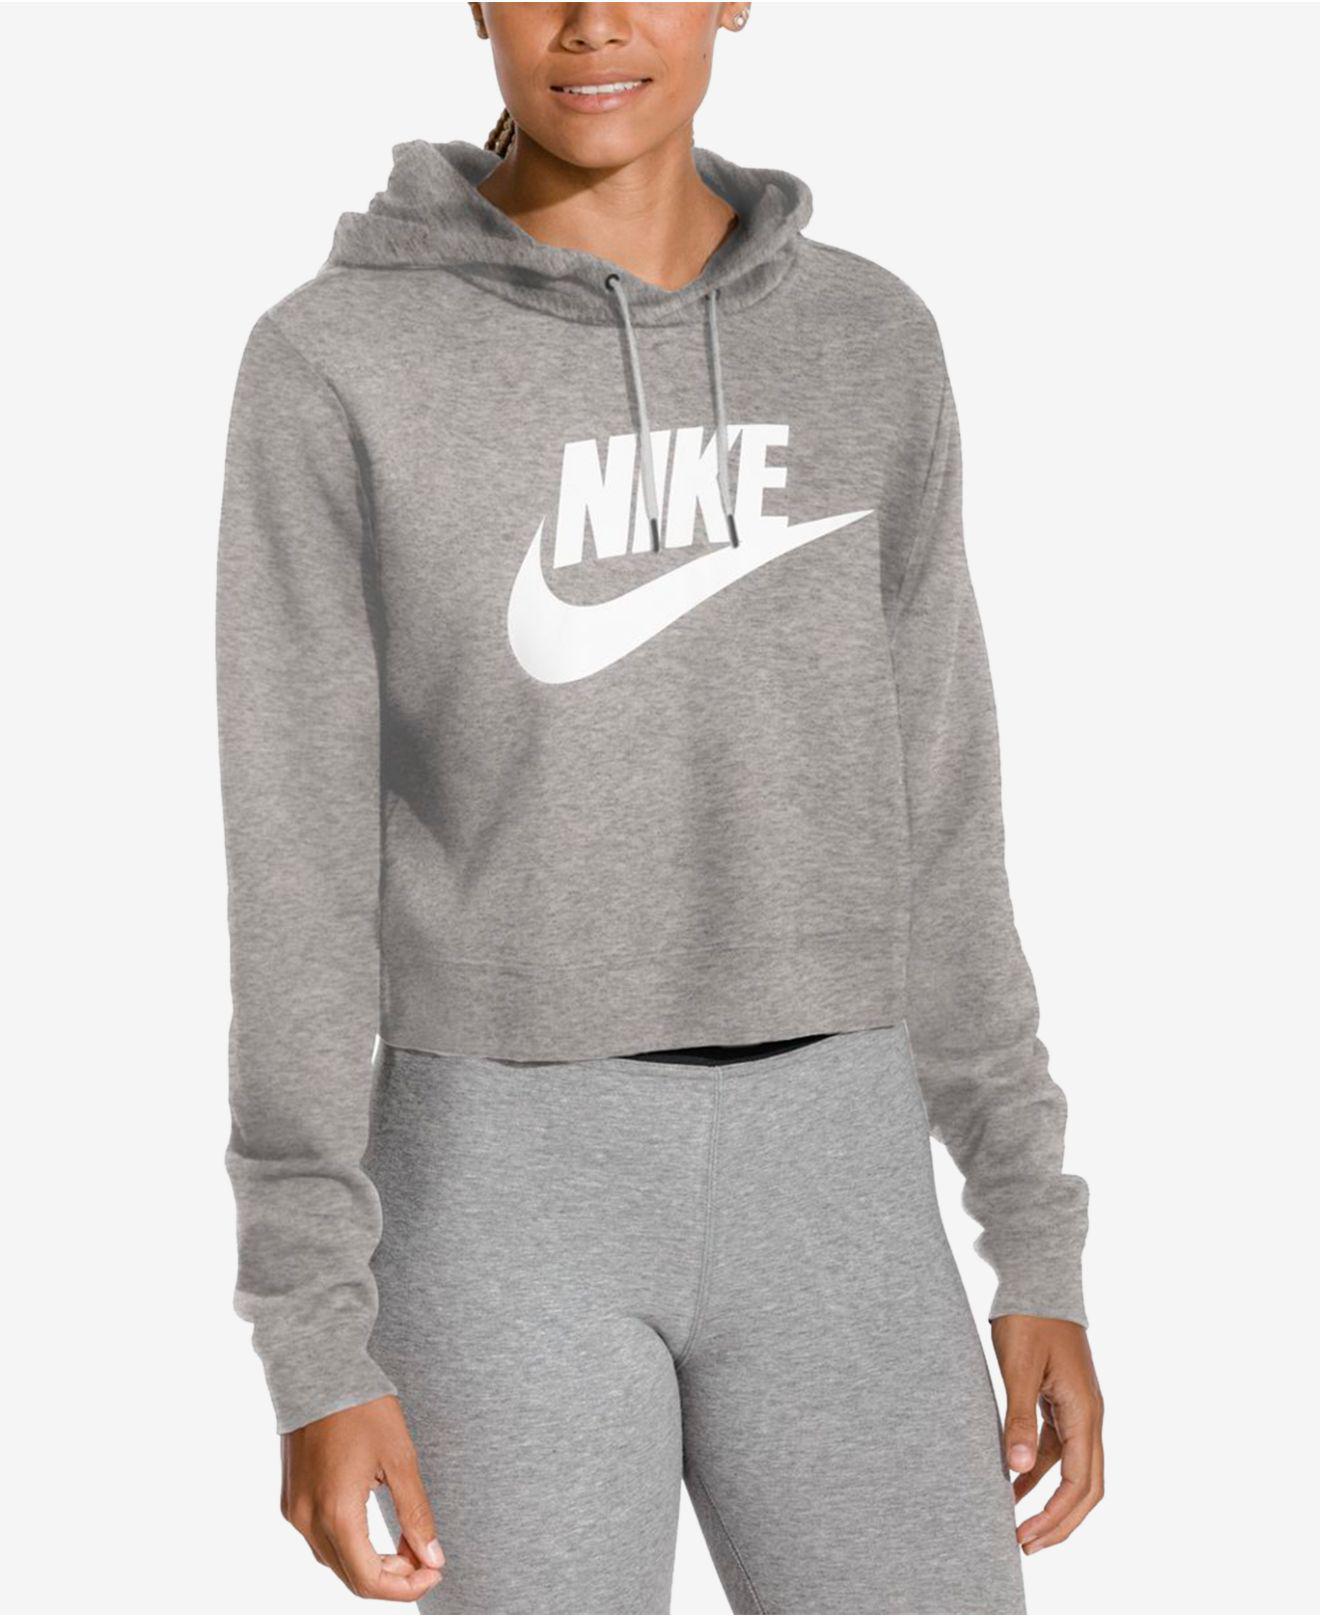 cec804c13811 Lyst - Nike Sportswear Rally Logo Cropped Fleece Hoodie in Gray